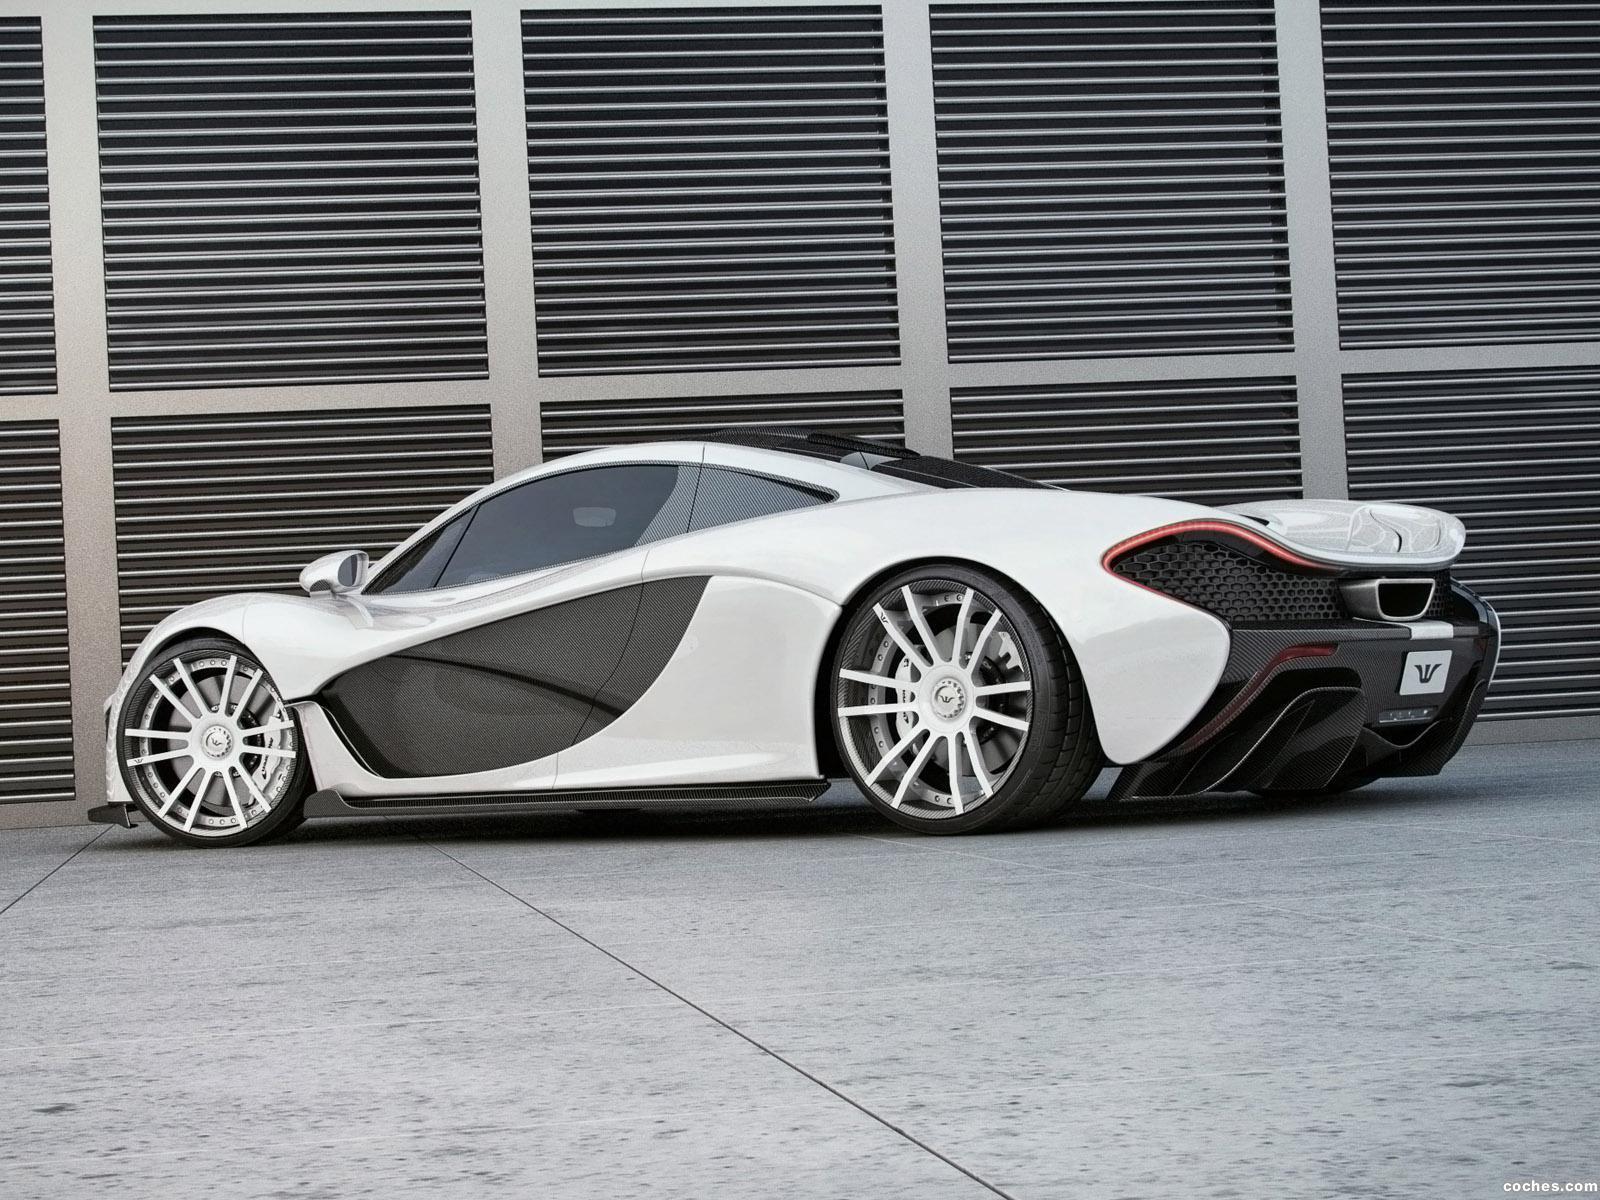 Foto 1 de Wheelsandmore McLaren P1 2014